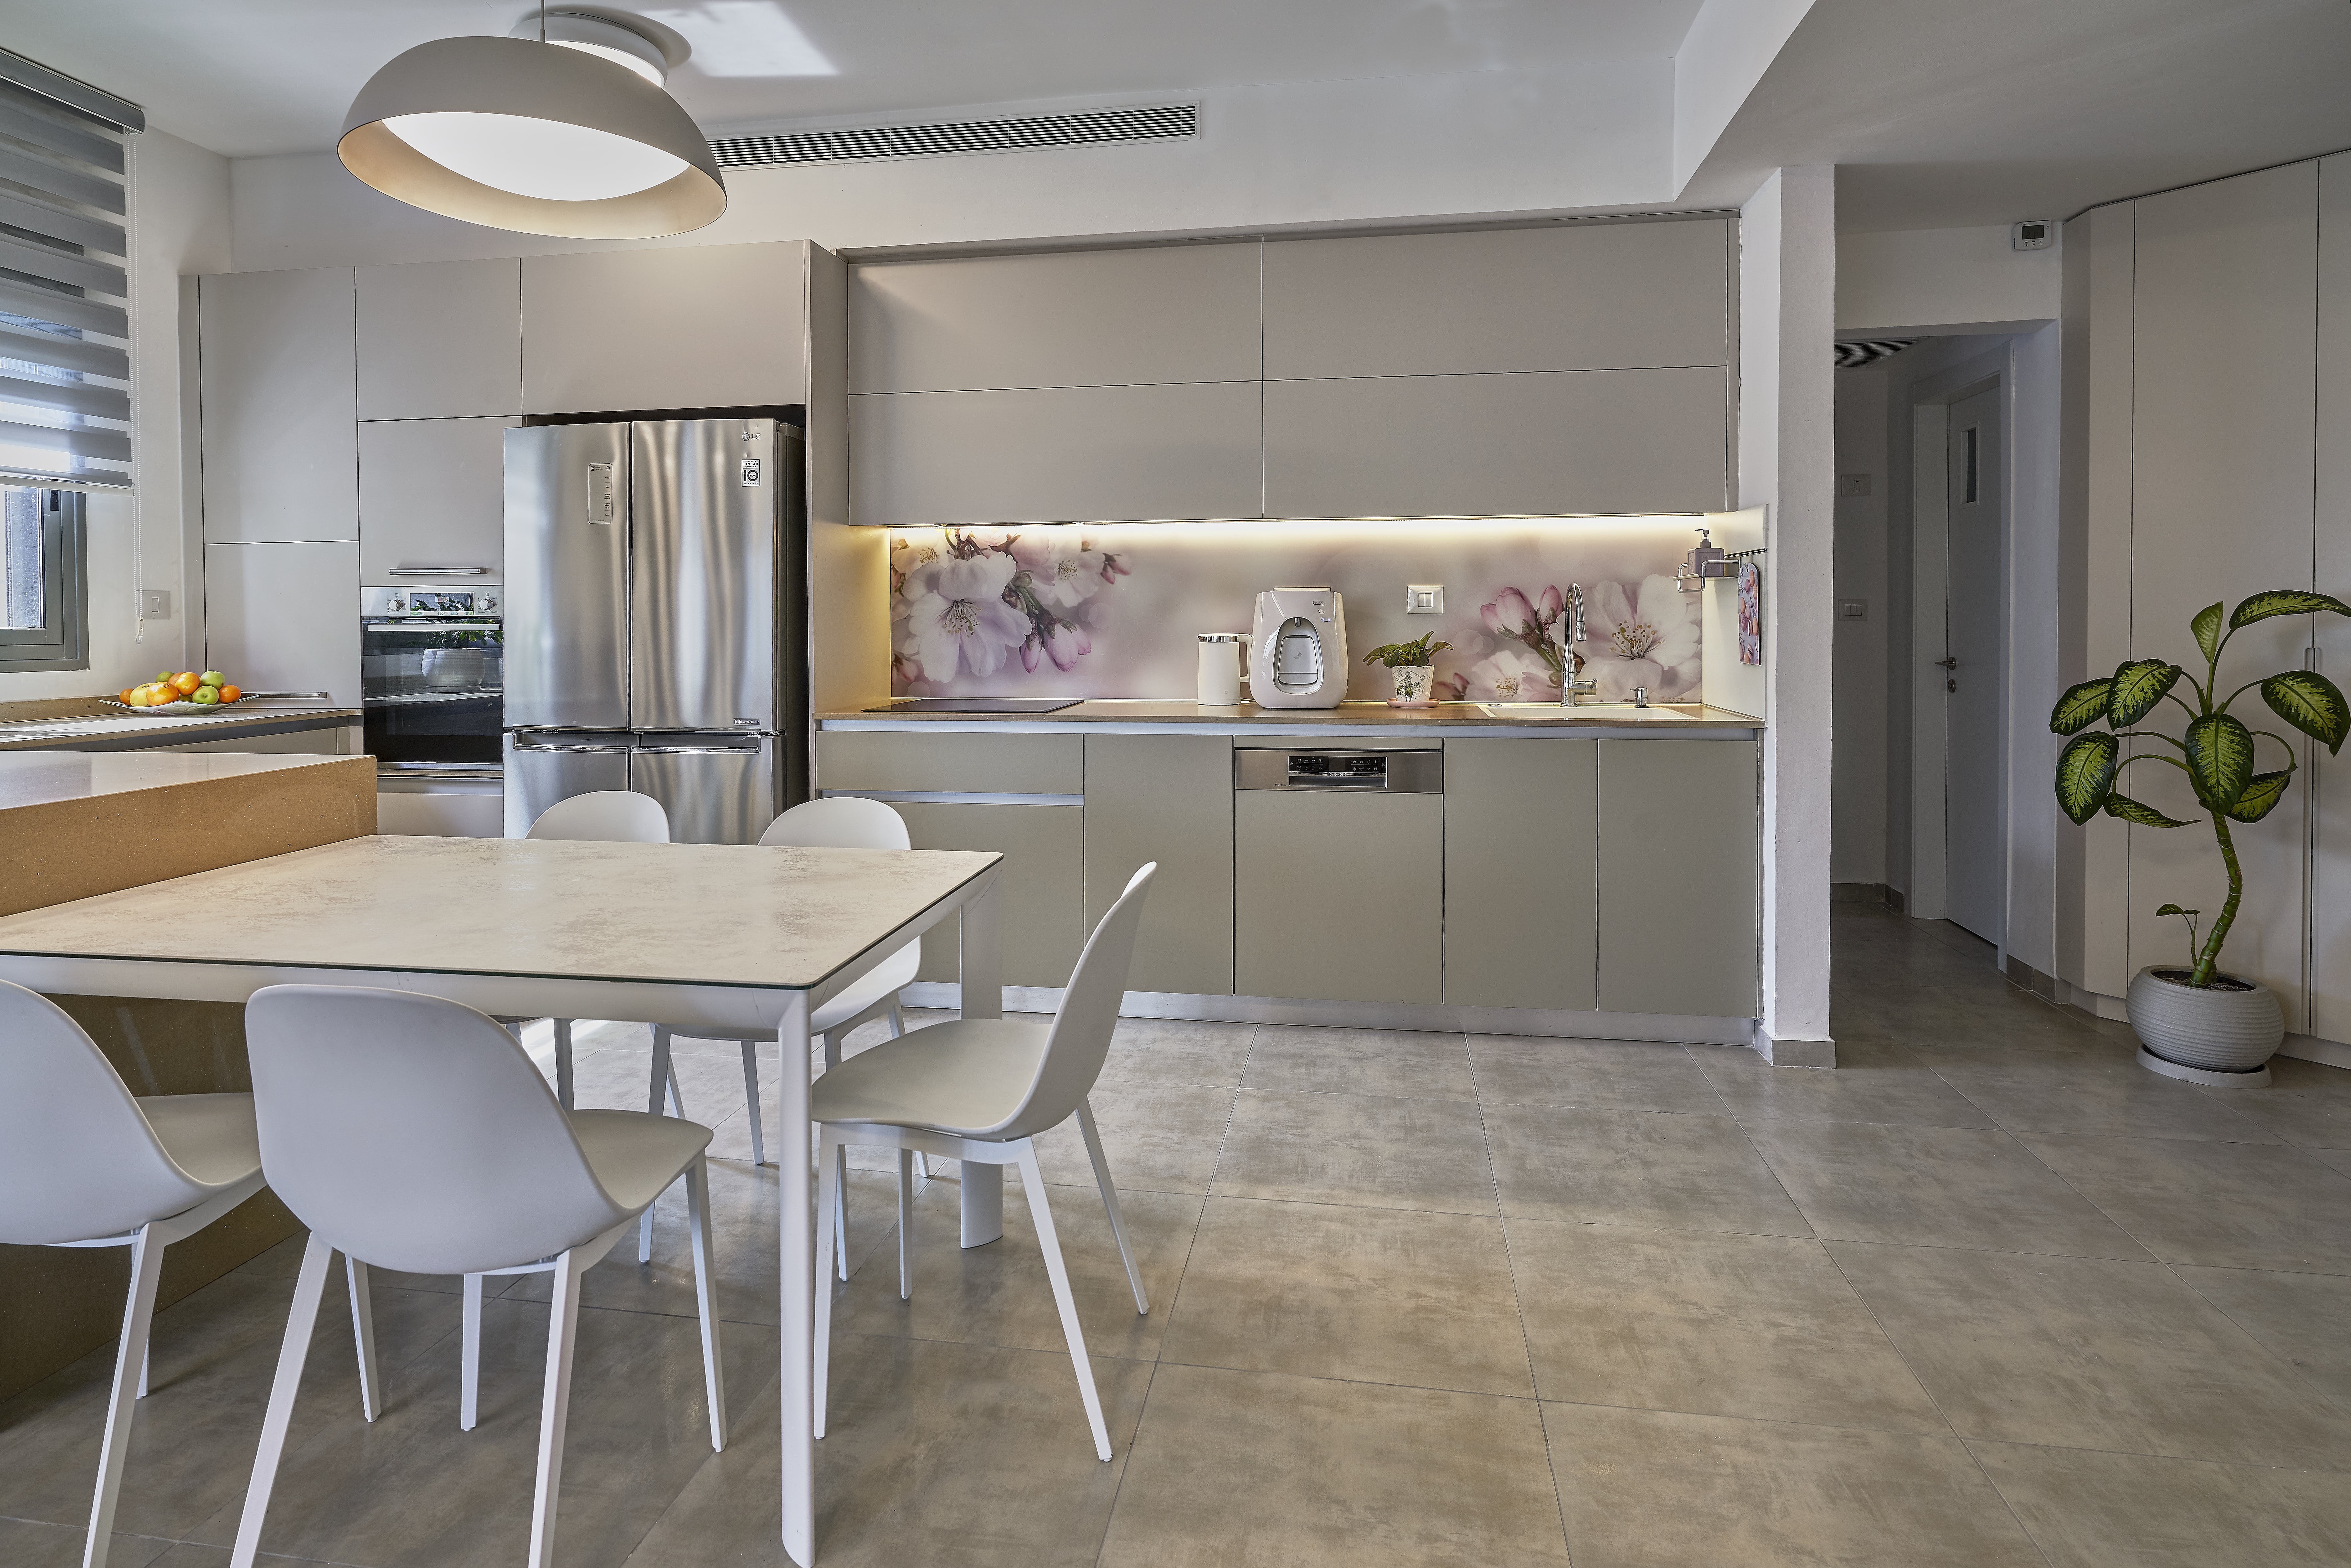 Kitchen design, עיצוב מטבח